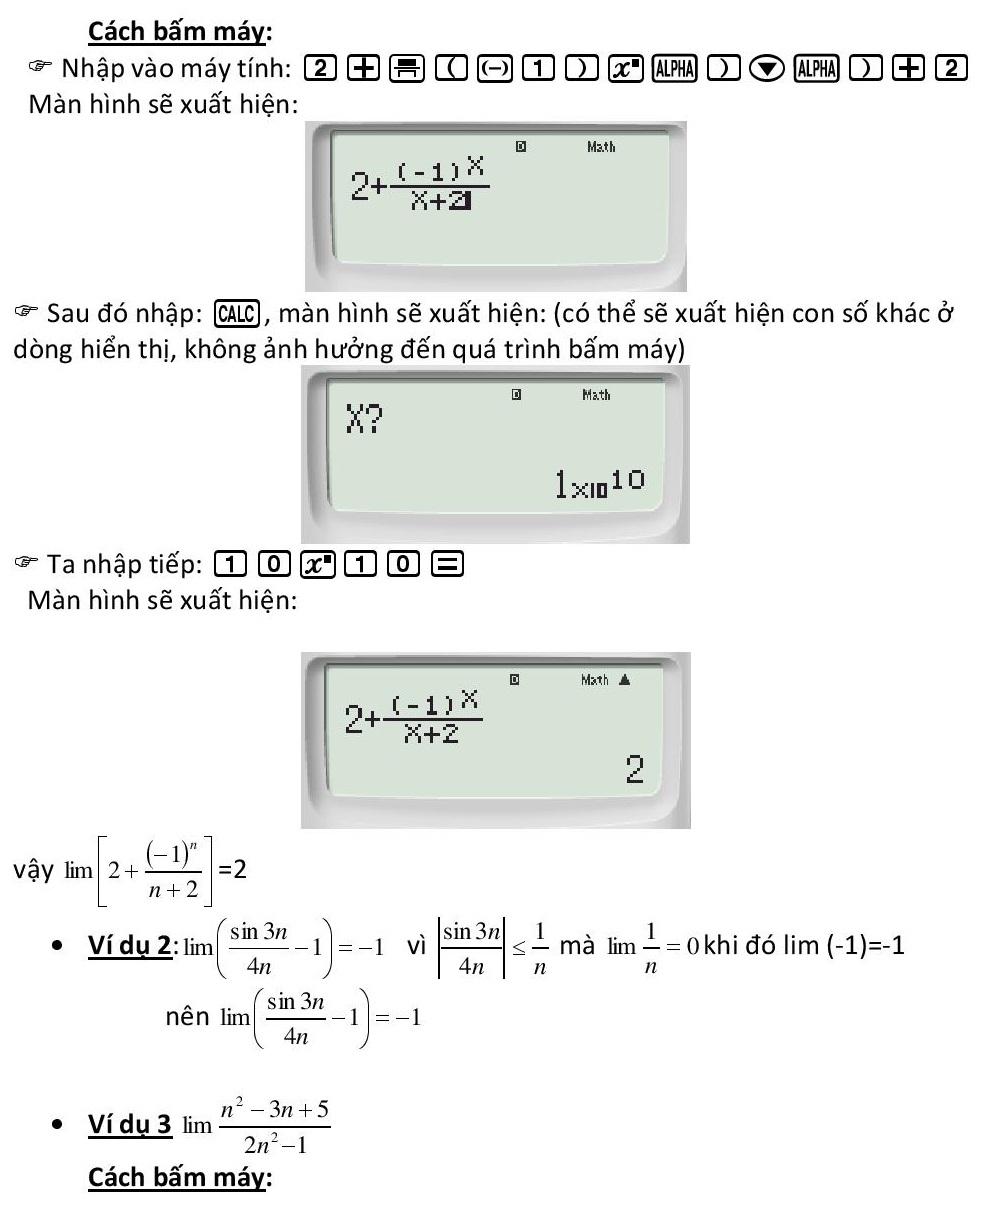 giới hạn dãy số và giới hạn hàm số (4).jpg